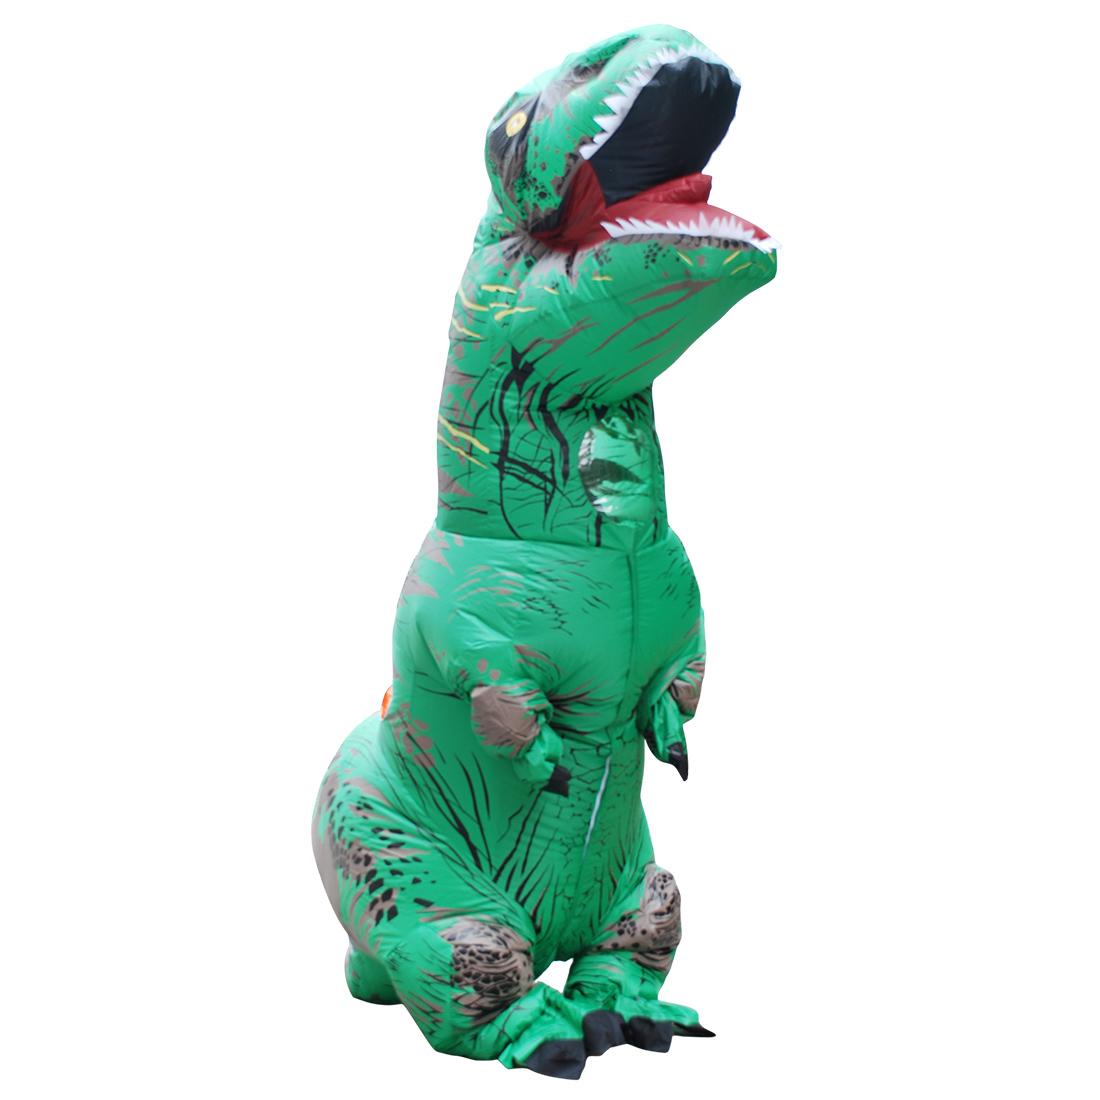 Einzelverkauf Disfraz Erwachseneo Grün Aufblasbar Dinosaurier Kostüm Halloween Faschingskostüme